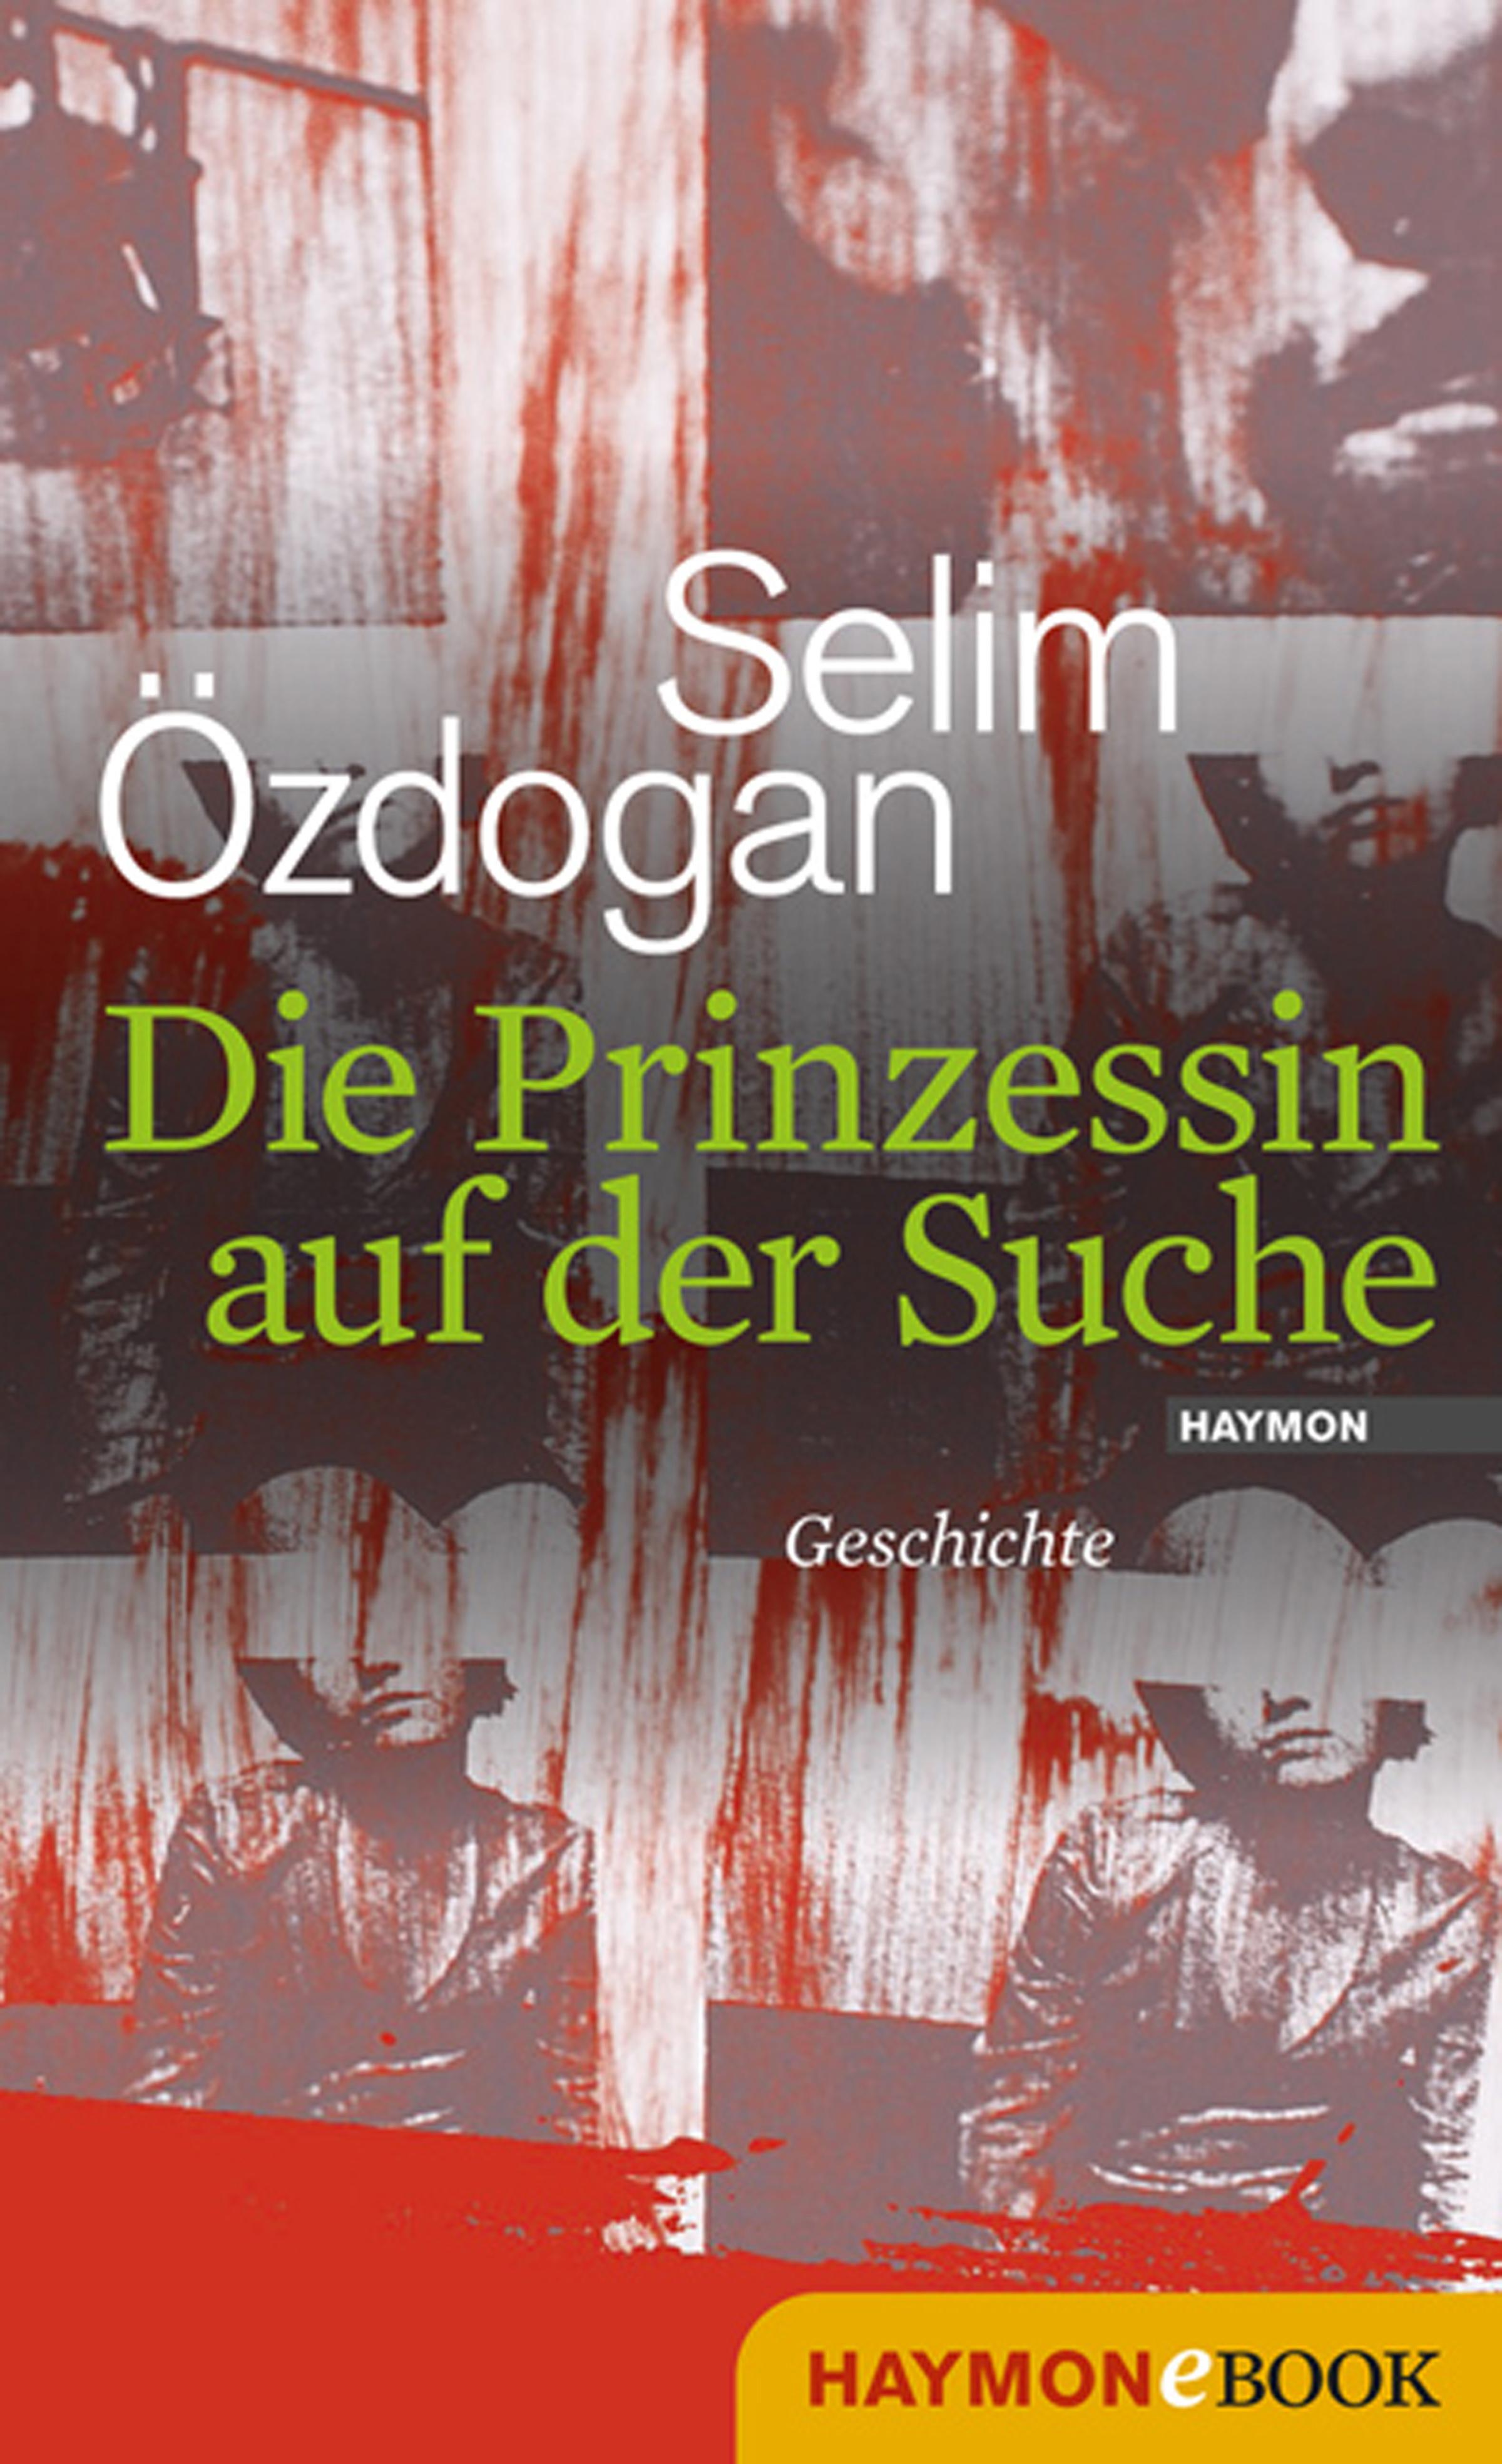 Selim Ozdogan Die Prinzessin auf der Suche kunst auf der suche nach der nation